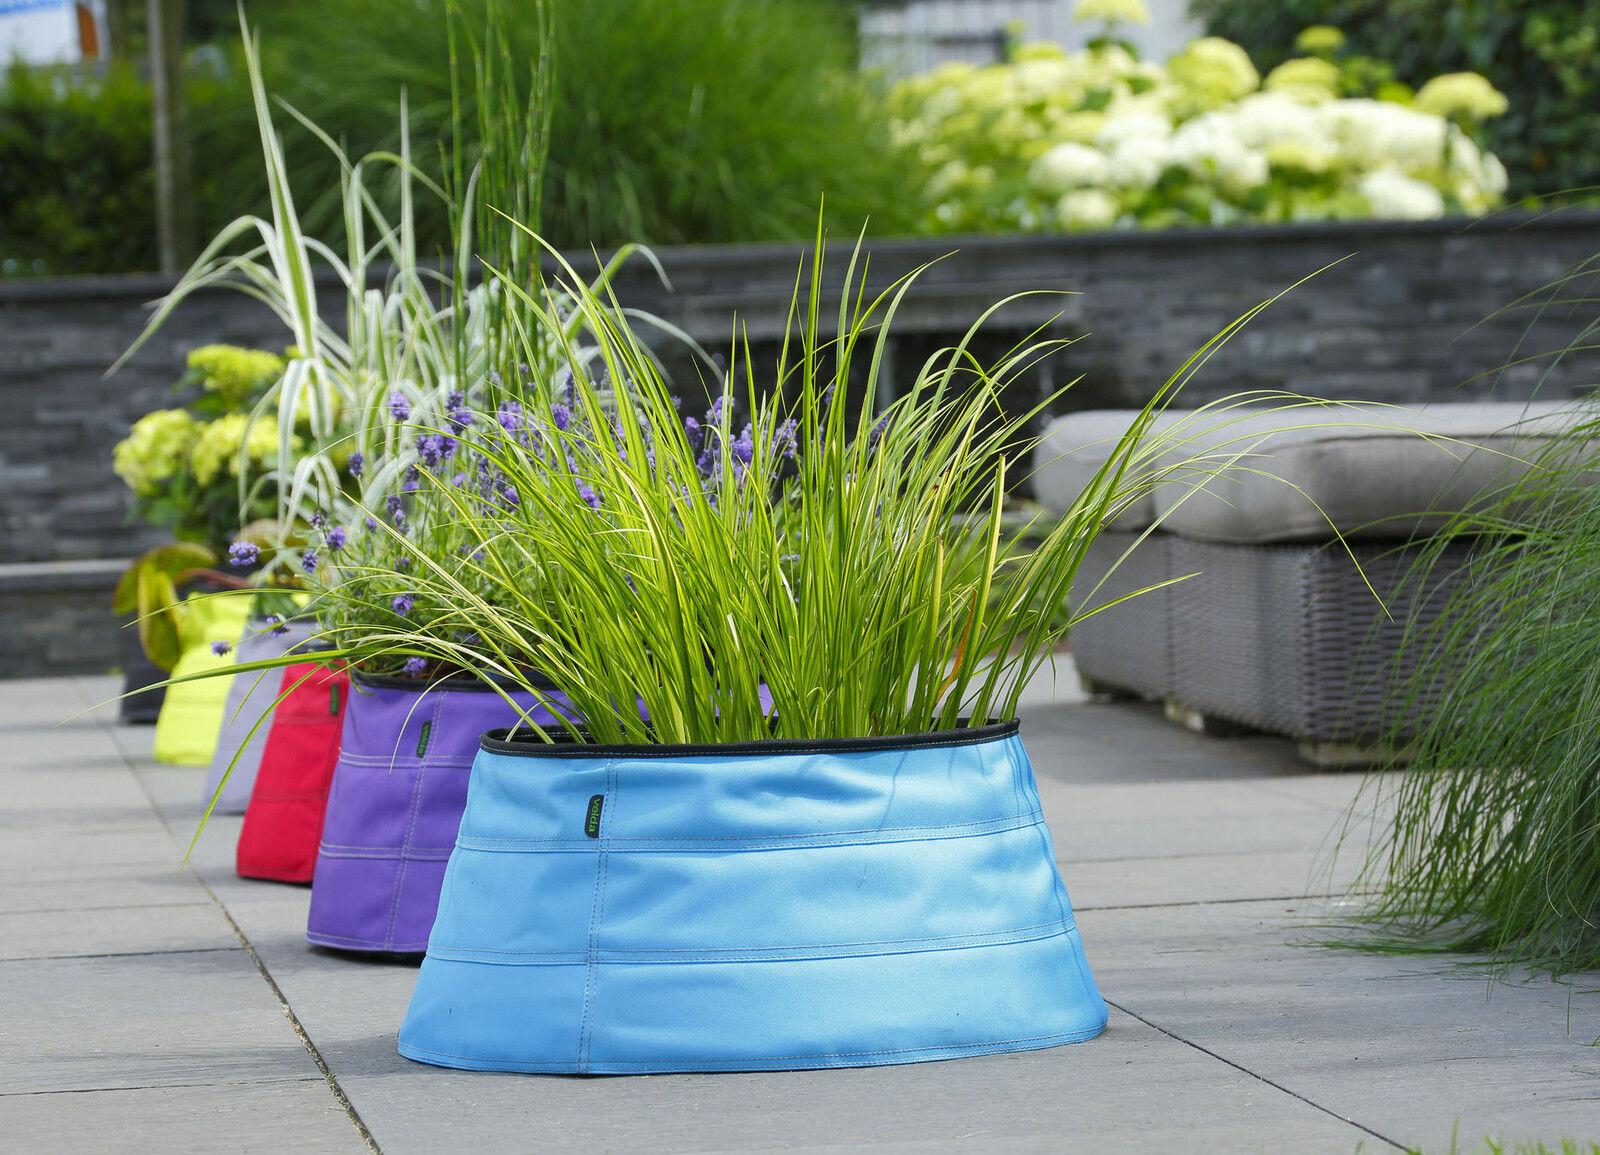 Velda de moda contenedor de estanque en interiores o al aire libre 18 , han estanque o plantas en cualquier lugar